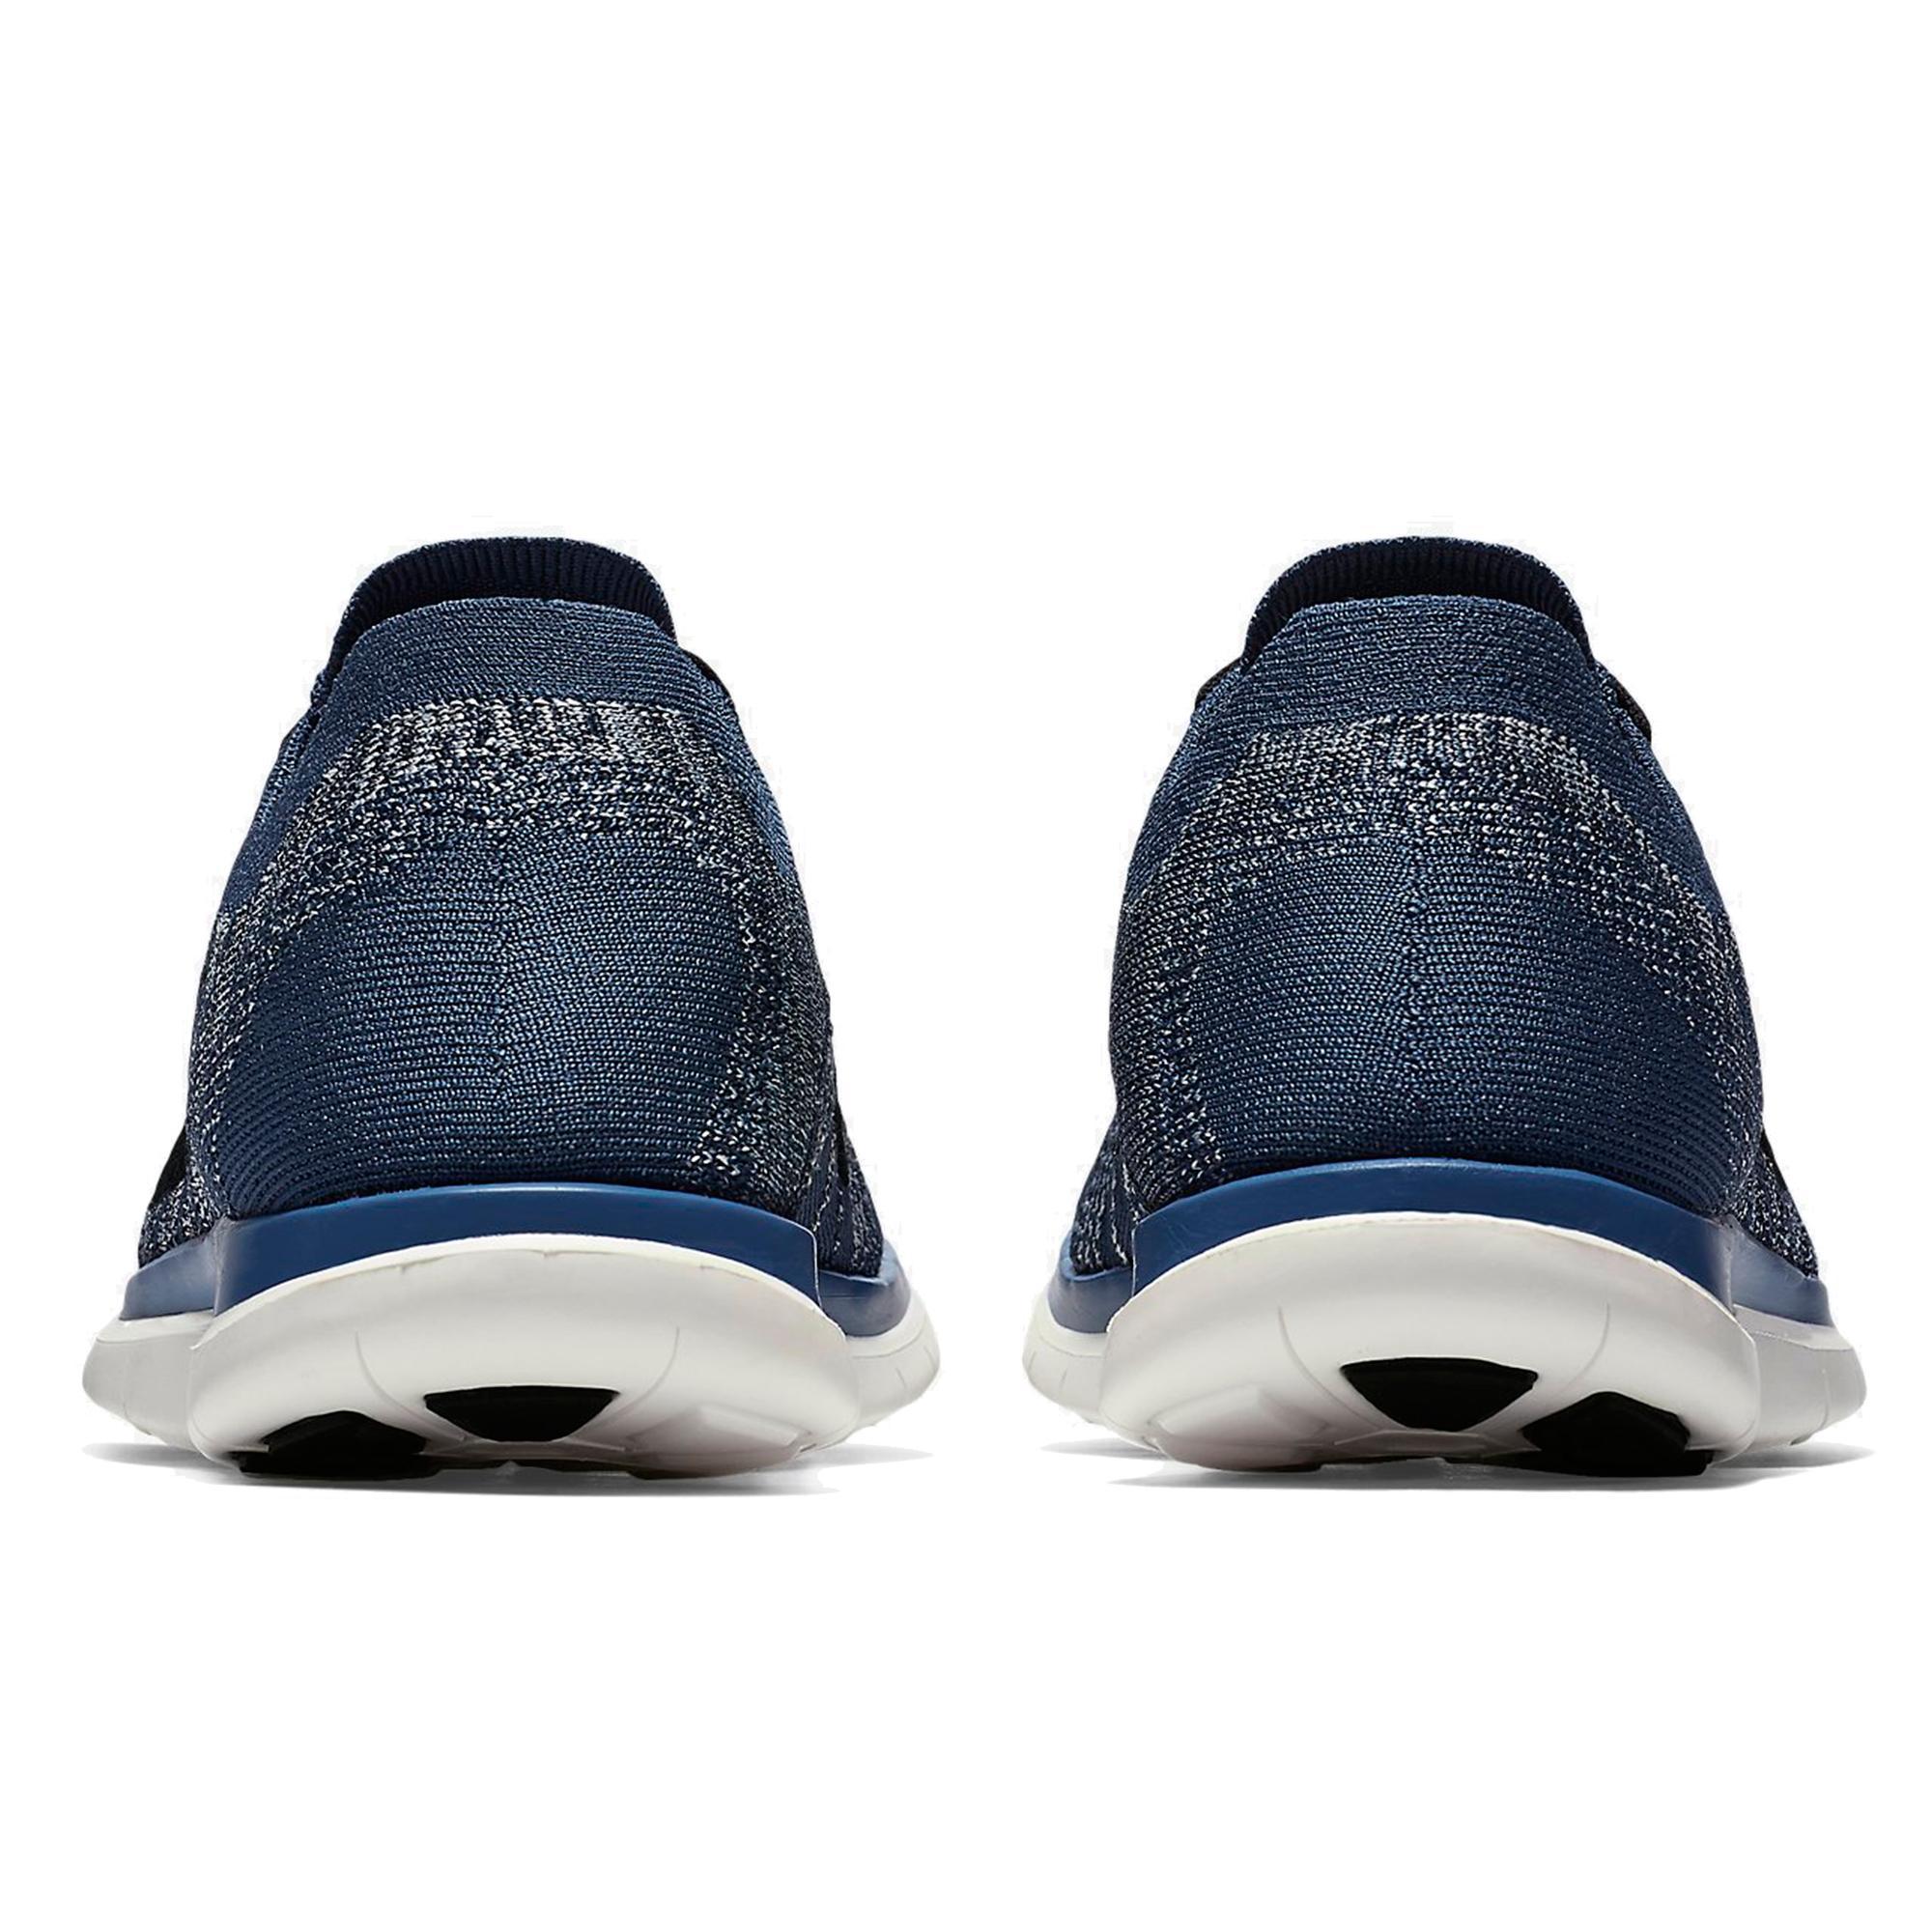 90034b18ecb7 ... nike free 3.0 flyknit spor ayakkabı  nike free 4.0 flyknit erkek ...